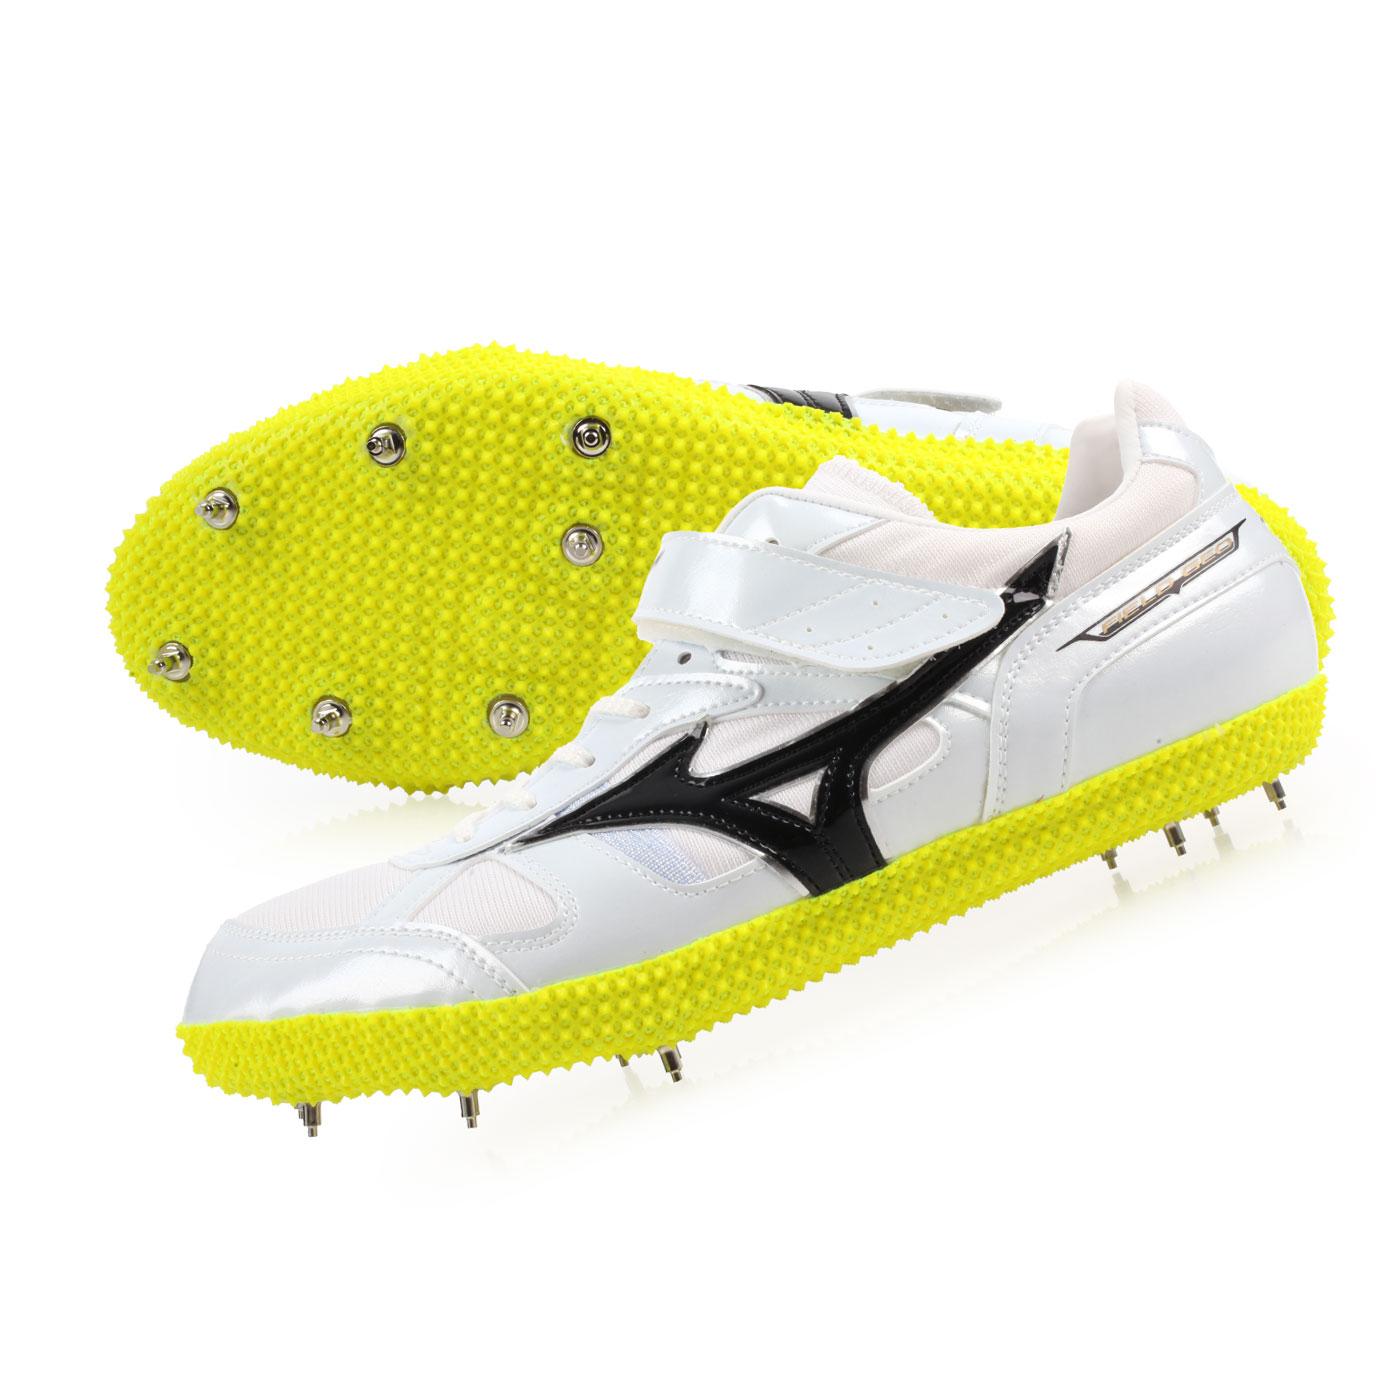 MIZUNO 日製田徑釘鞋(跳高左跳)  @FIELD GEO HJ-I2@U1GA184209 - 白黑